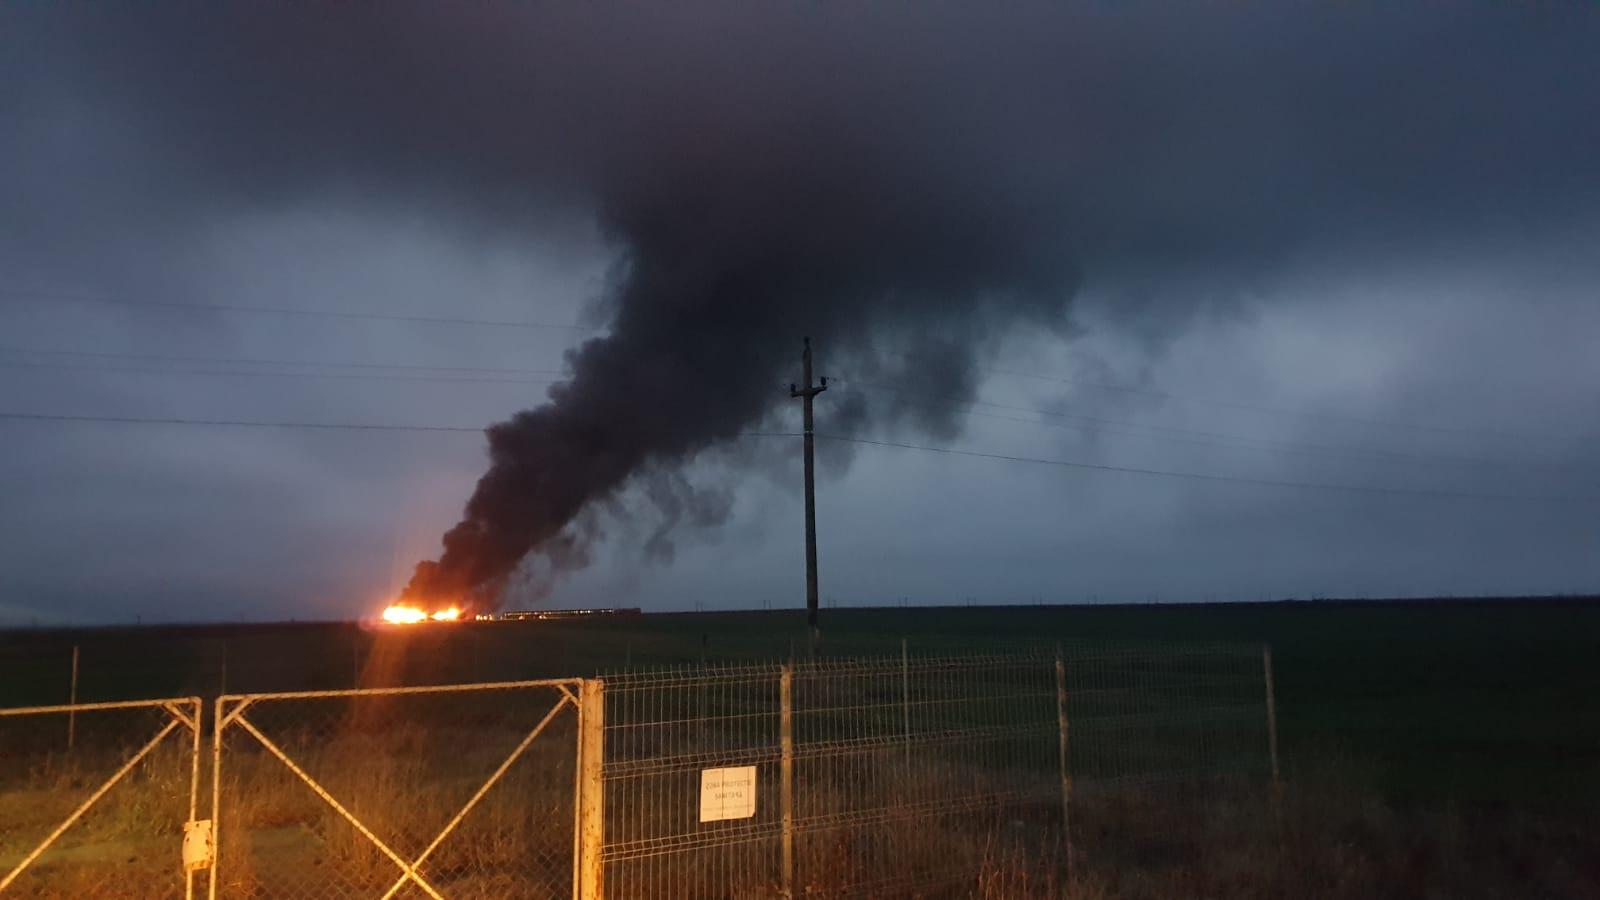 Tren în flăcări, la intrare în staţia Măldăeni. Peste 100 de pasageri se aflau în garnitura feroviară